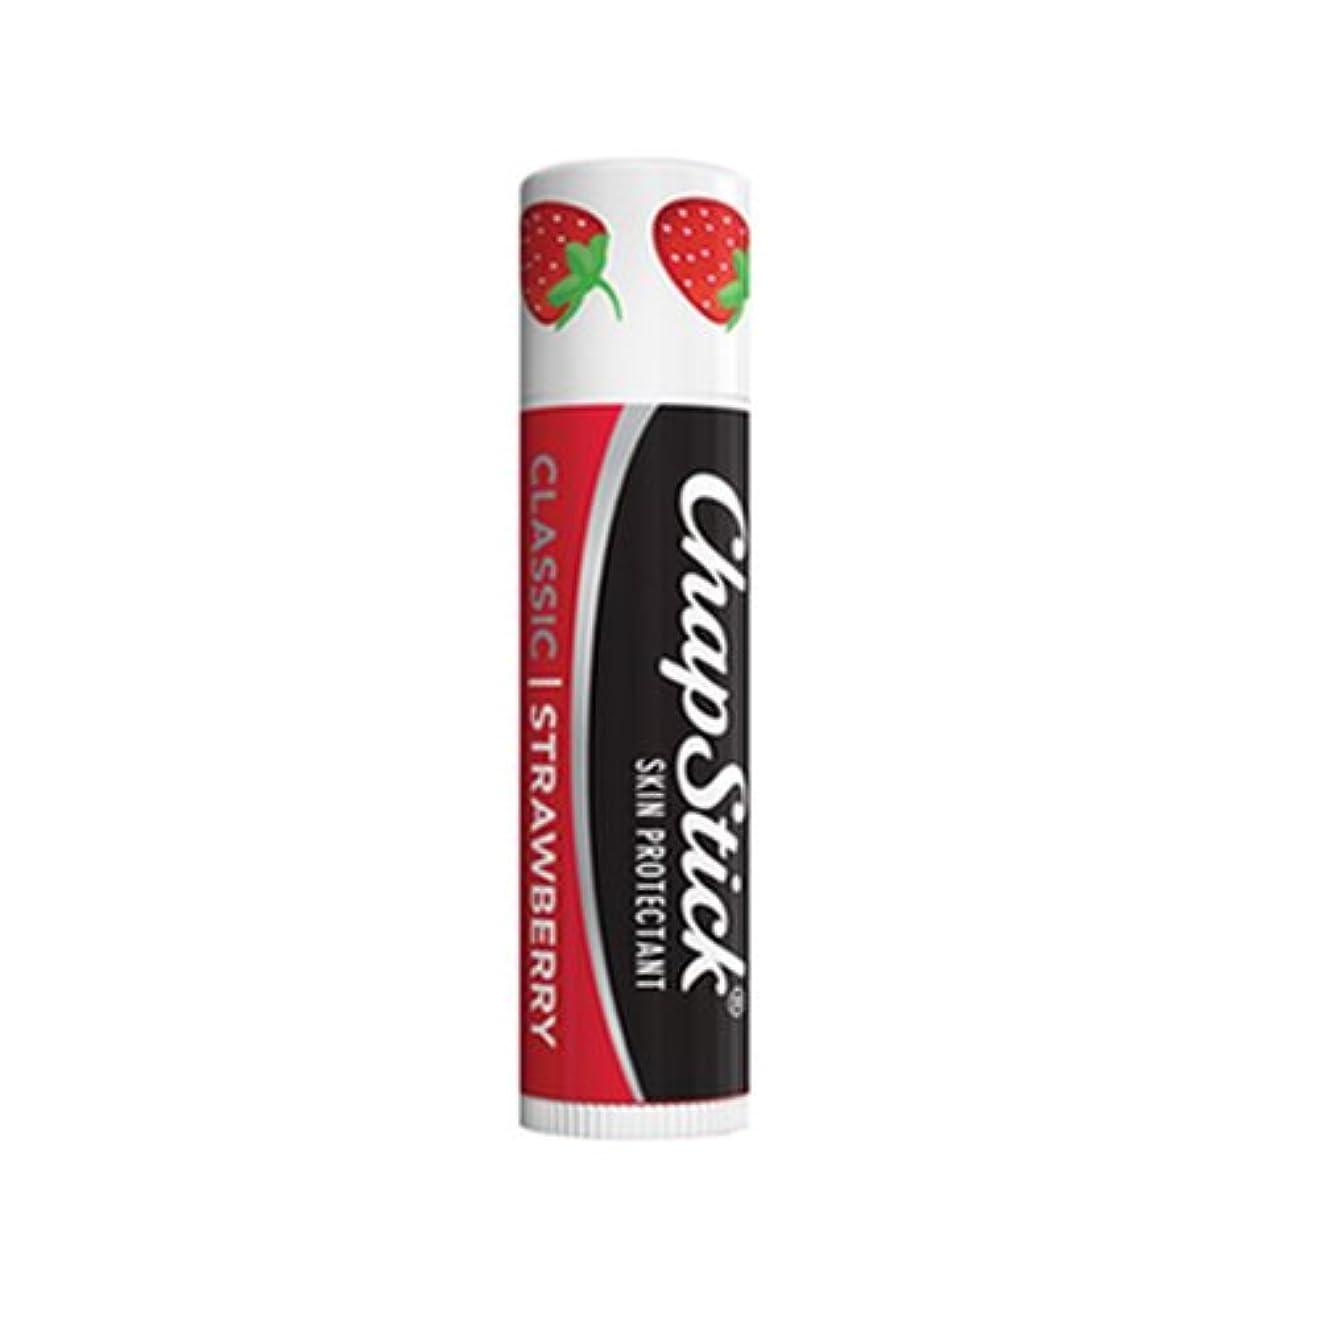 投げ捨てるマウントバンクいらいらする(3 Pack) Chapstick Classic - Strawberry (並行輸入品)